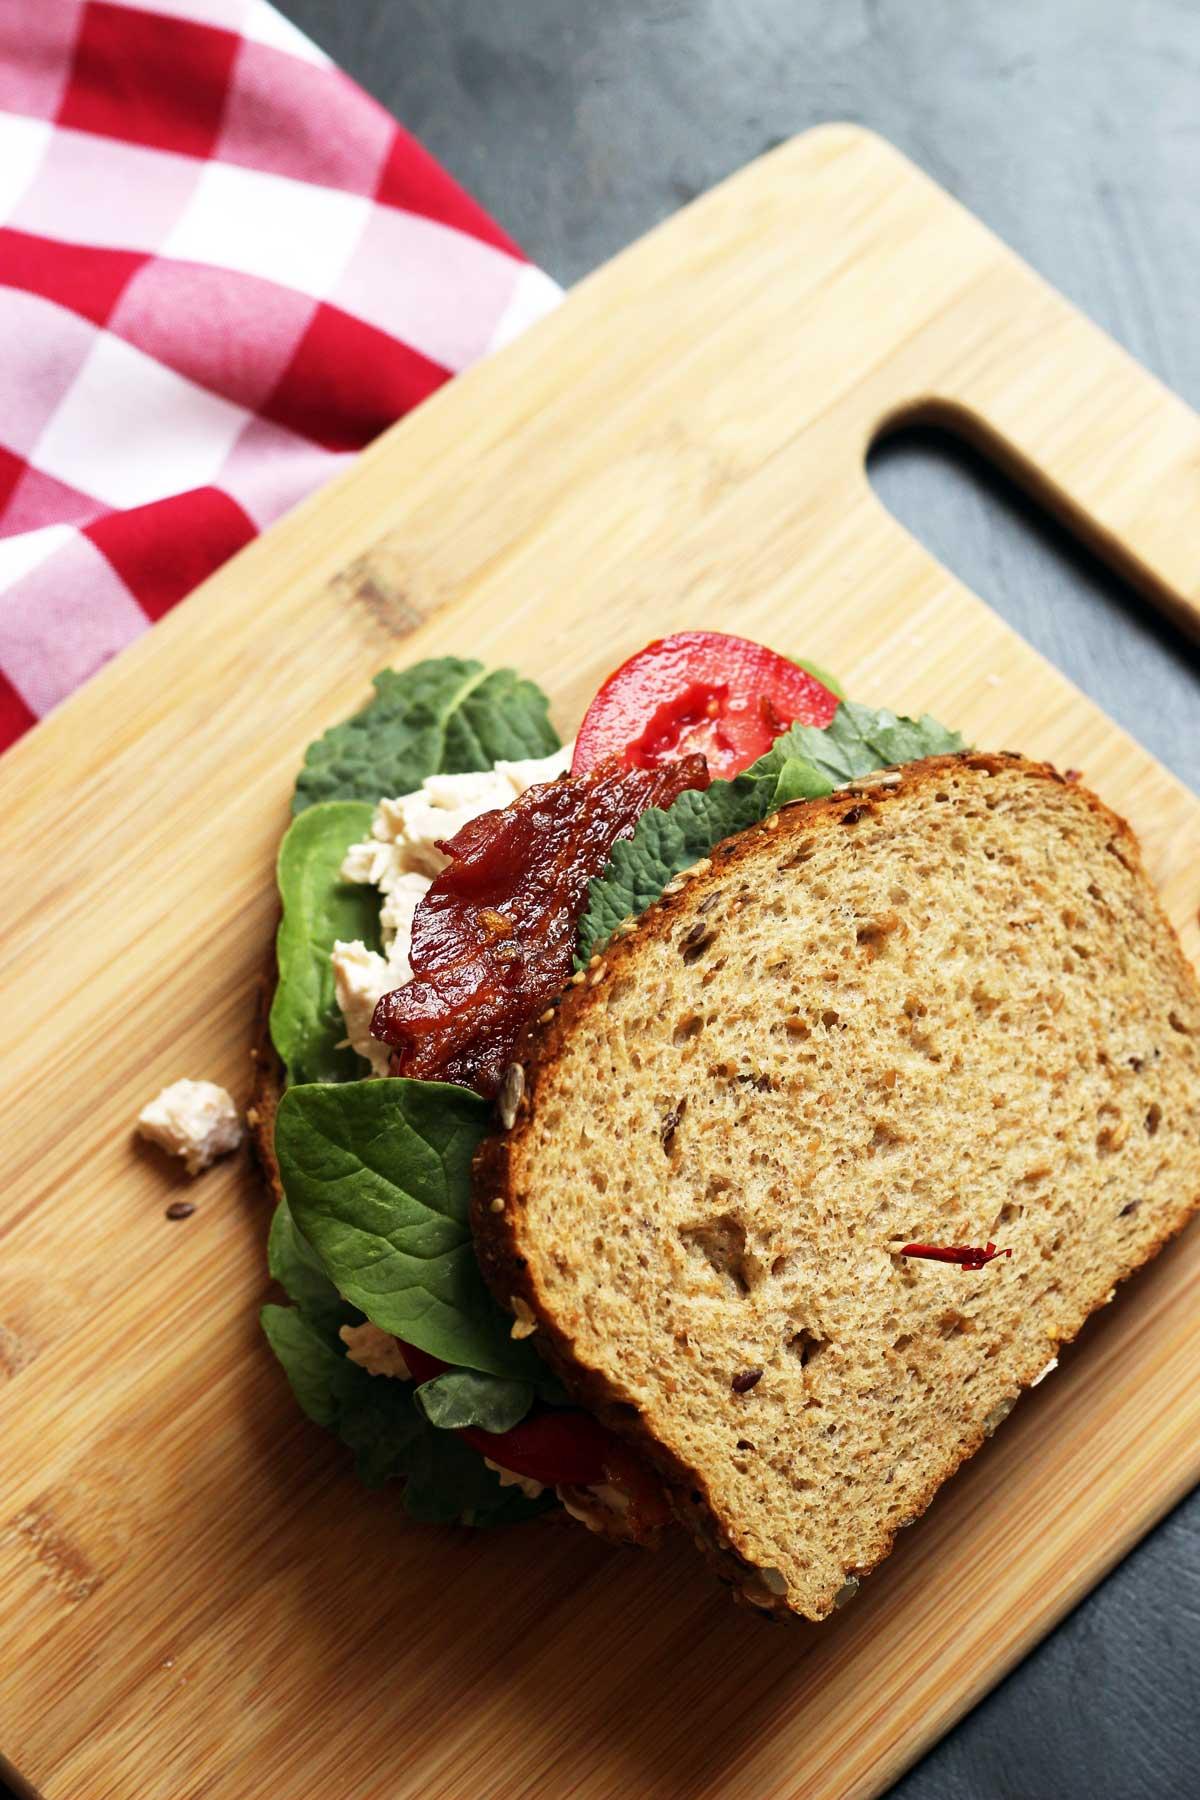 chicken salad BLT sandwich on wooden cutting board